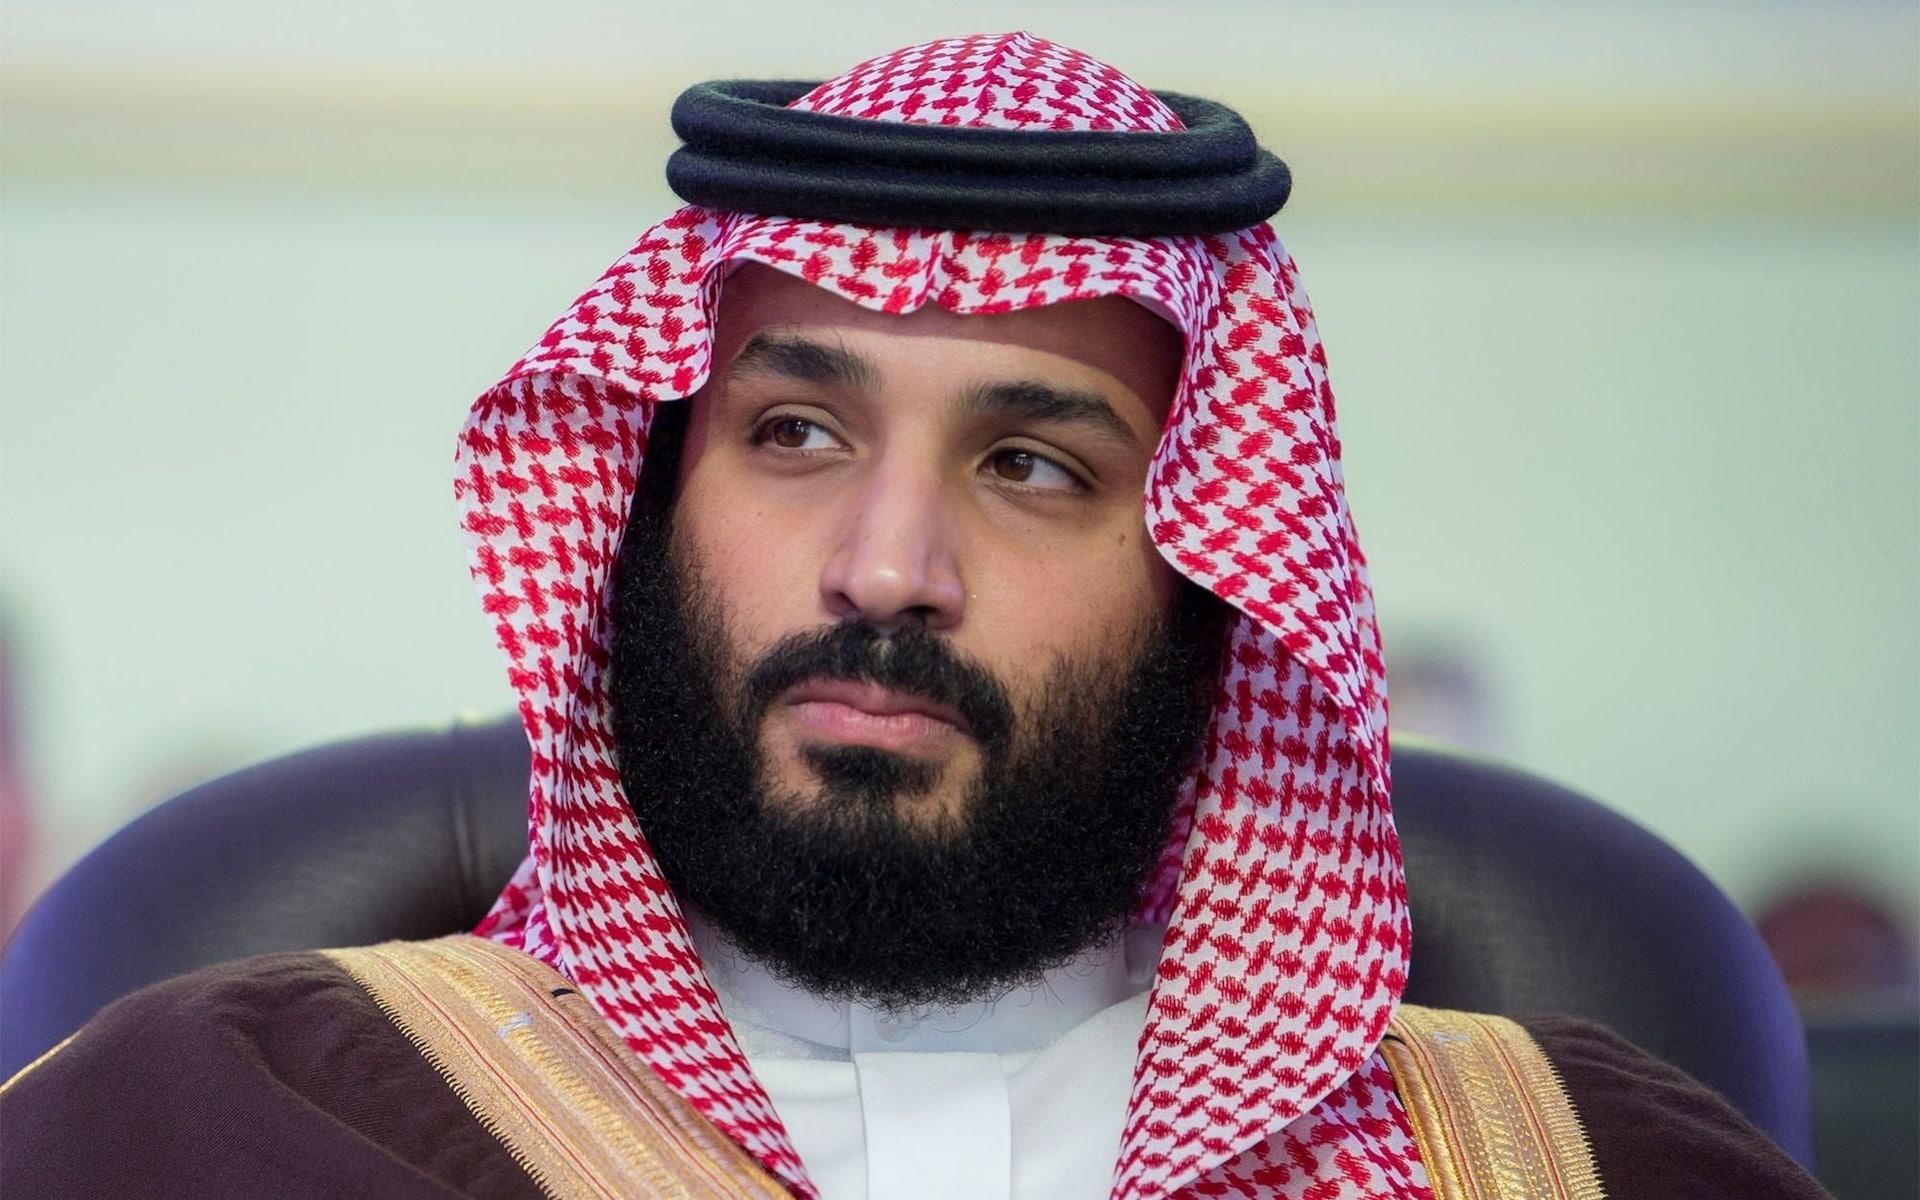 Məhəmməd bin Salman Tunisə səfər edib